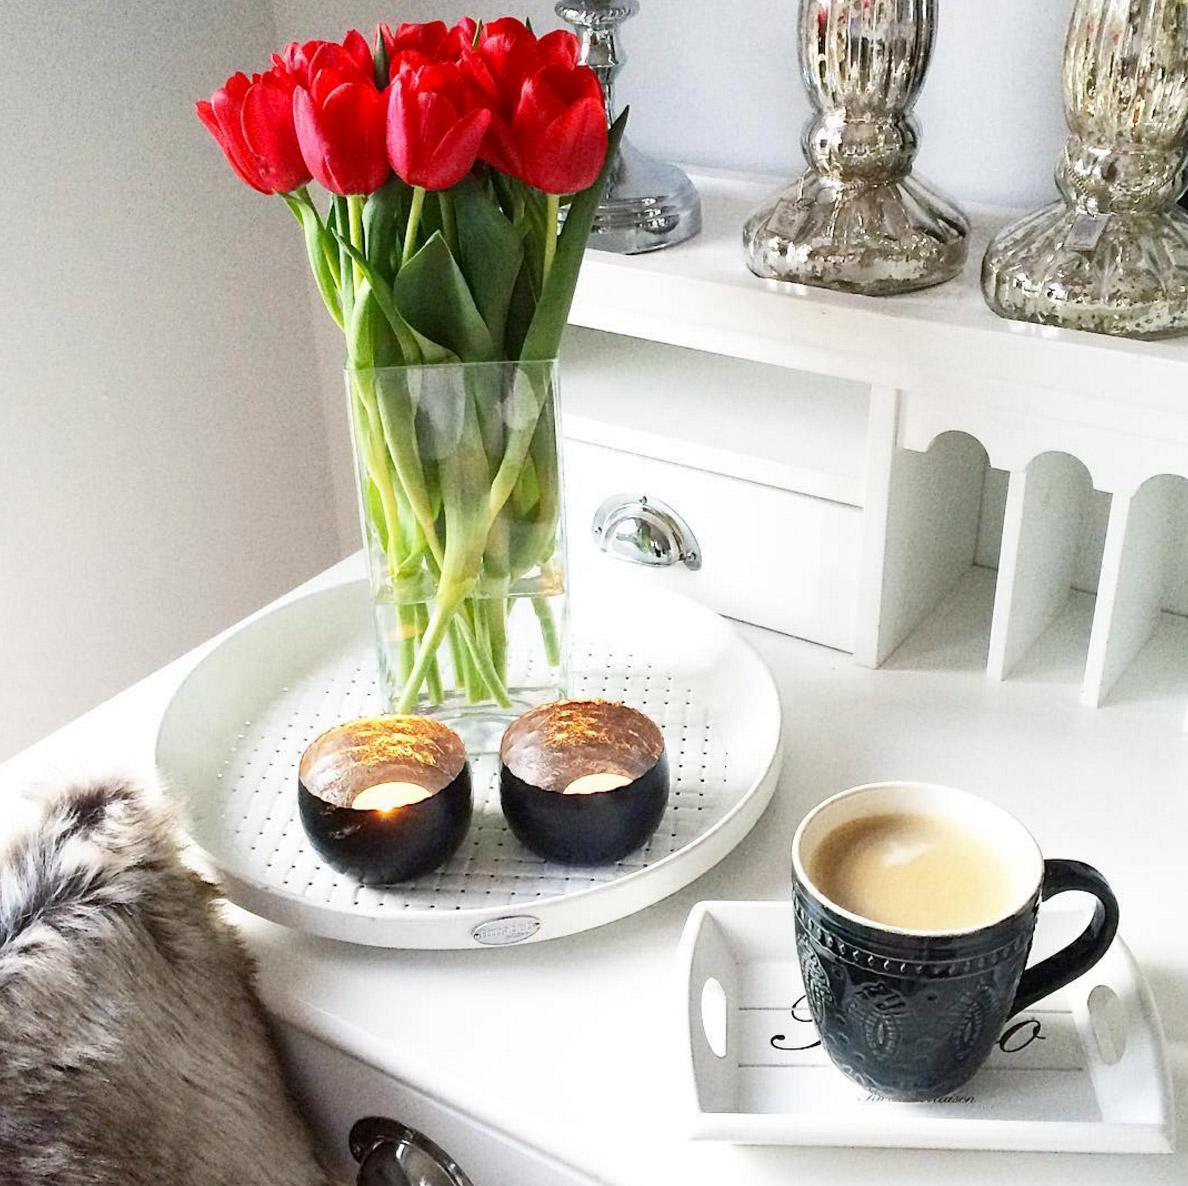 lieblingstasse-mit-tulpen